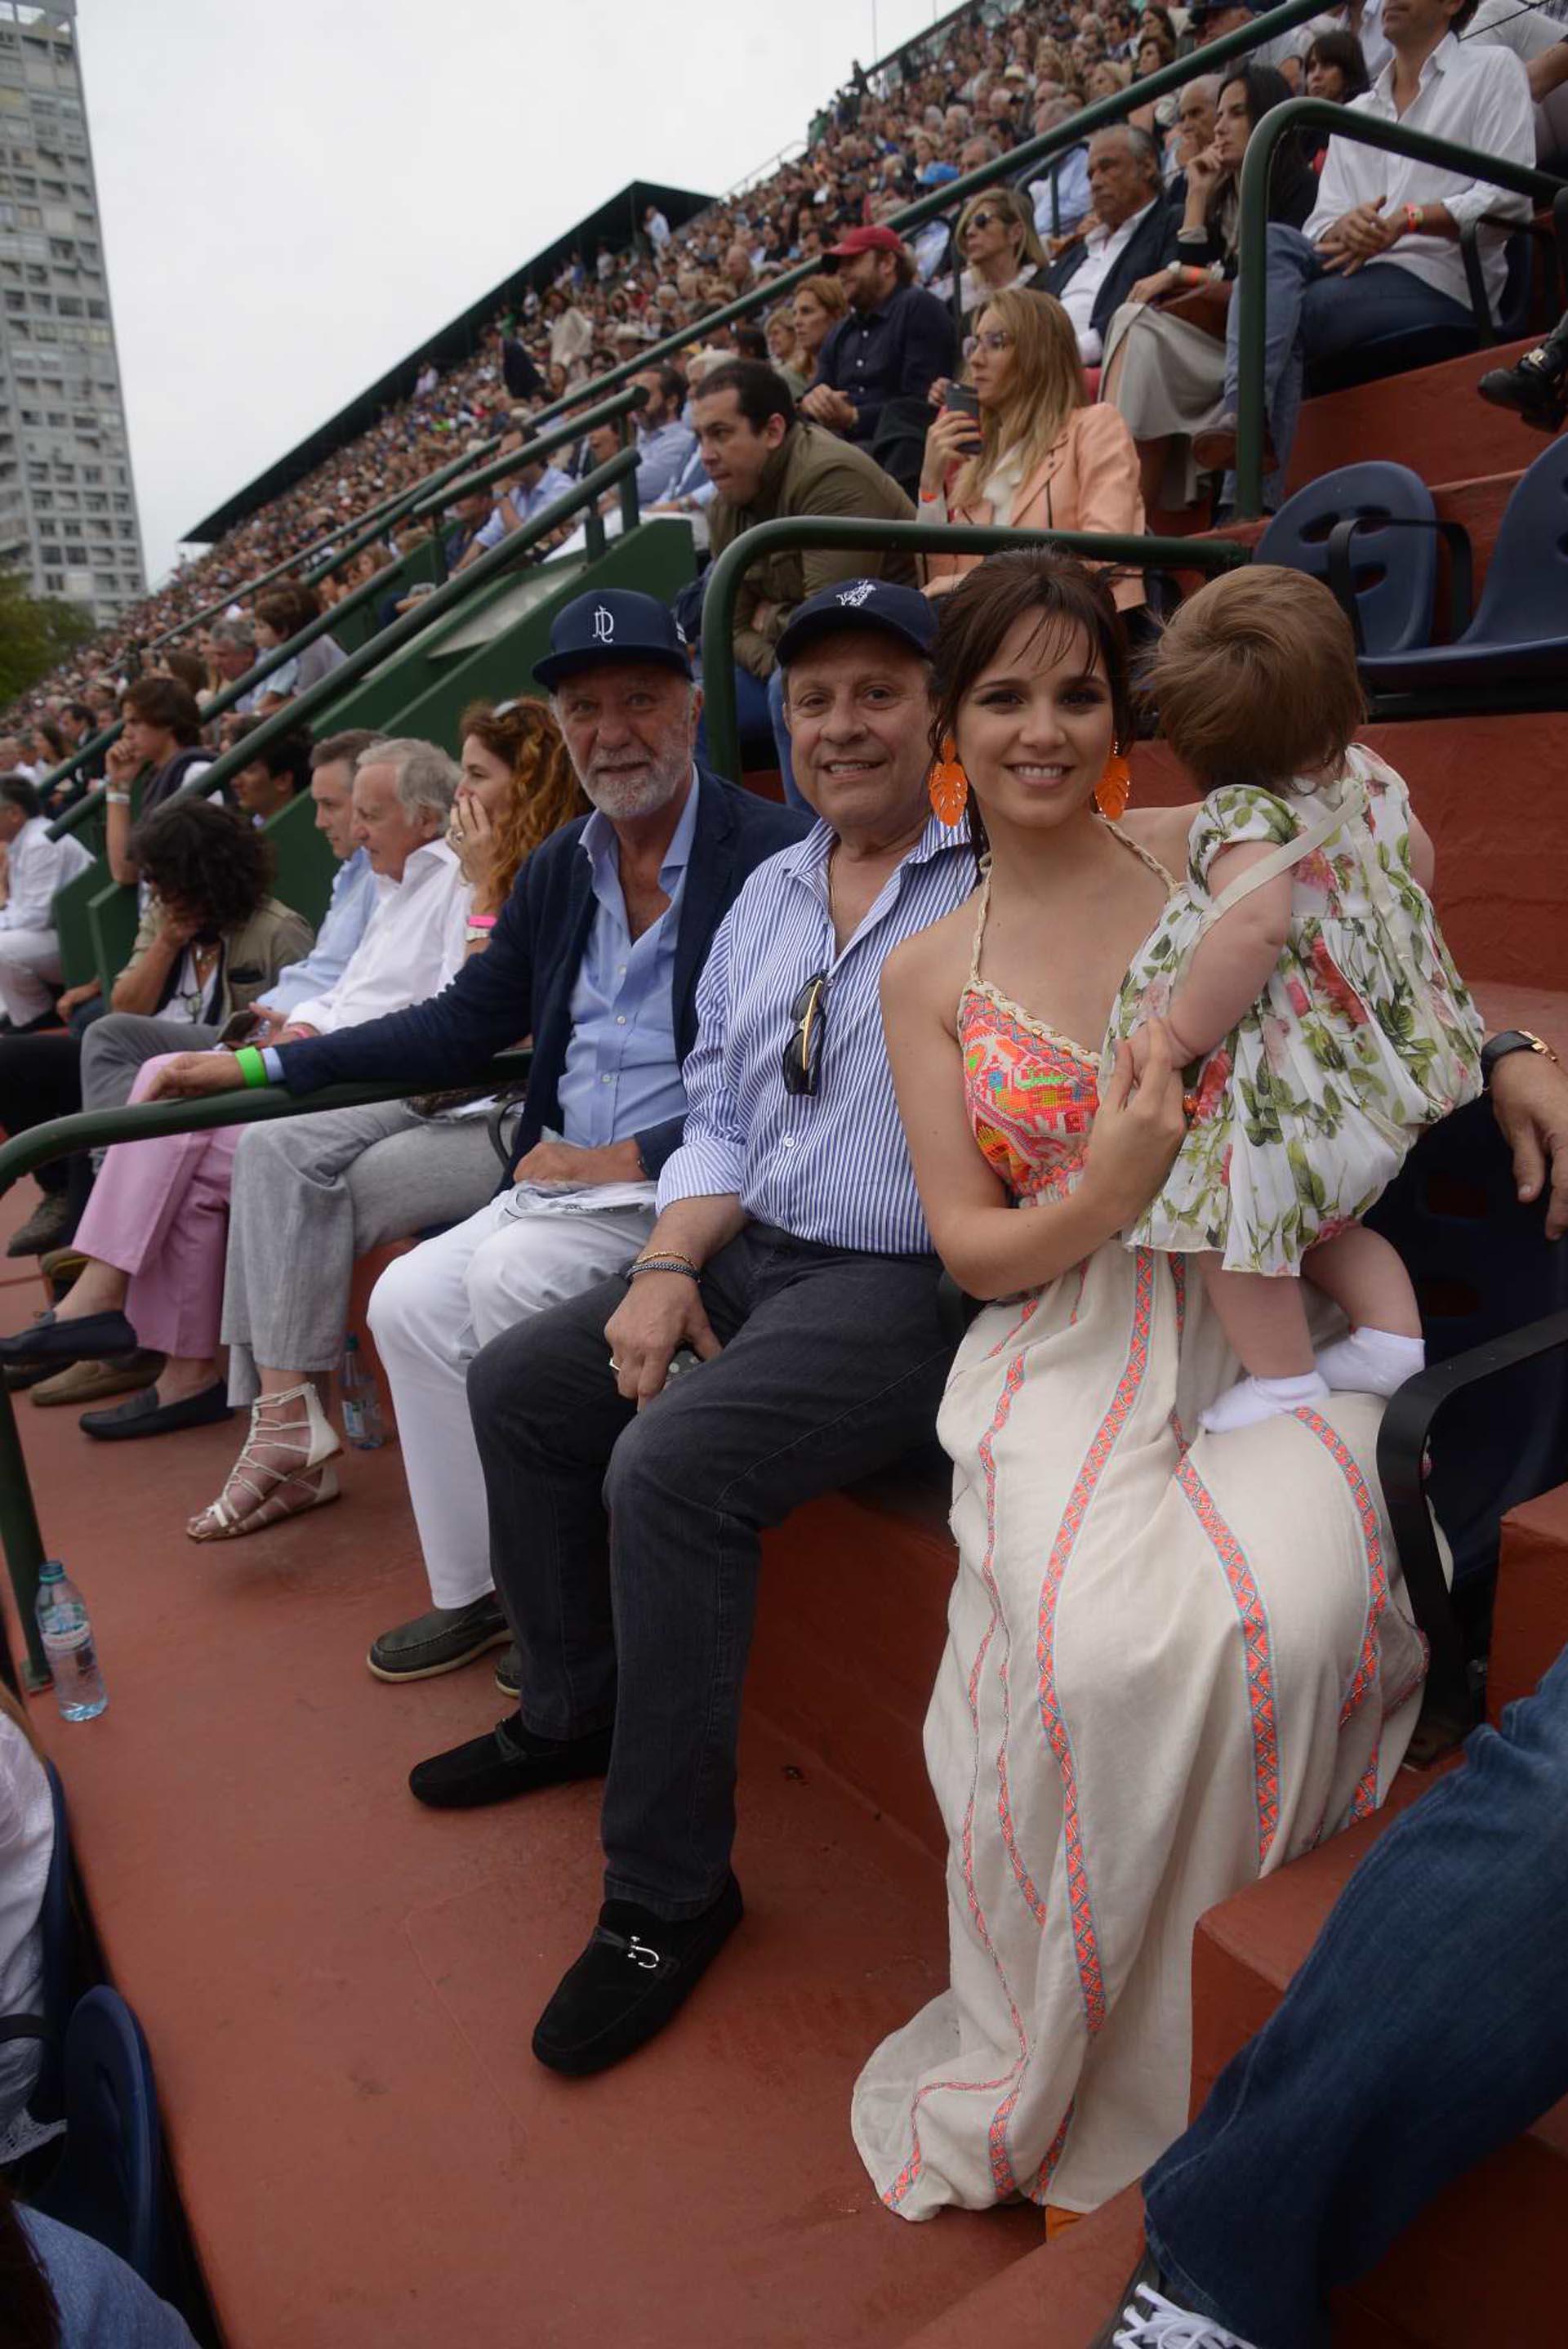 Pedro Costoya junto a Néstor Abatidaga, director corporativo del Grupo Sancor Seguros, junto a su mujer Natali Márquez-directora creativa de Brezza- y su hija Alma